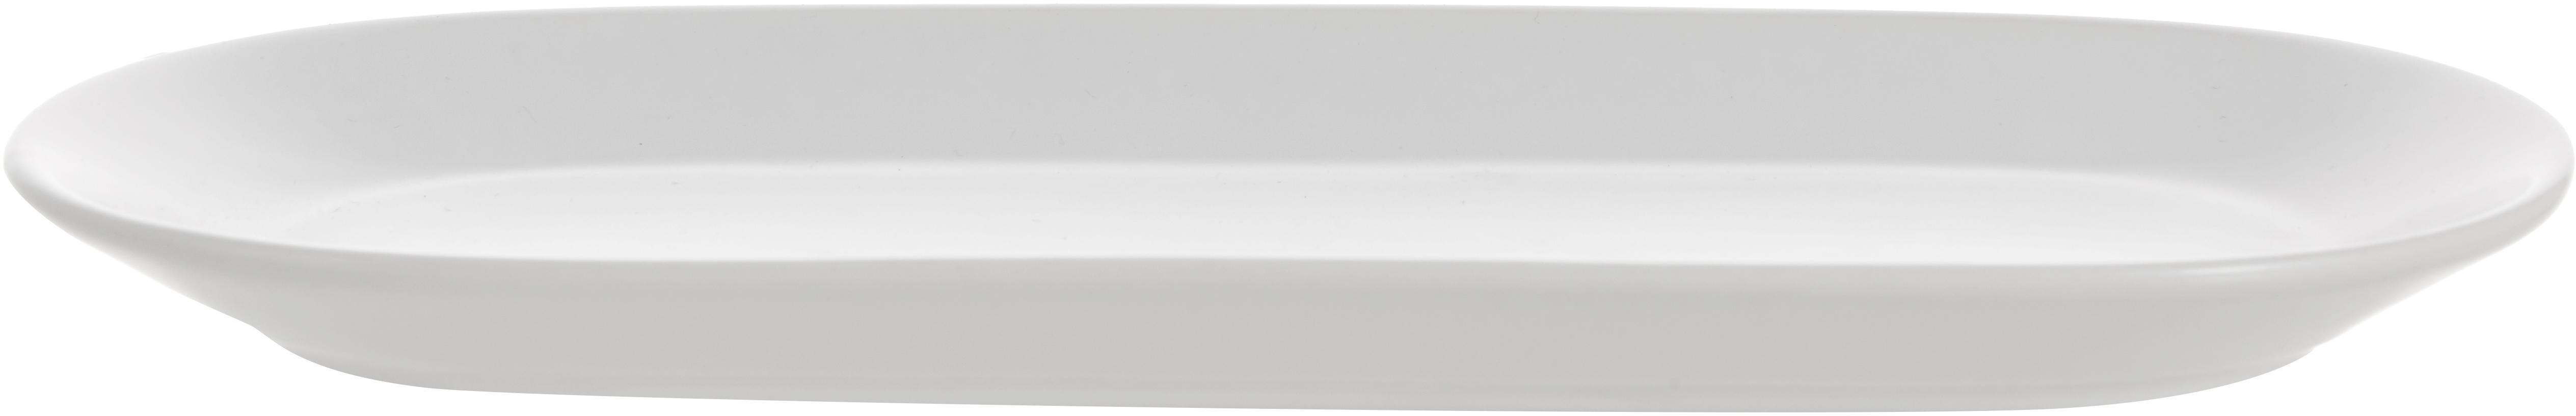 Dipschalen Glitz in Weiß/Gold, 3er-Set, Steingut, Weiß, Goldfarben, Ø 10 x H 4 cm